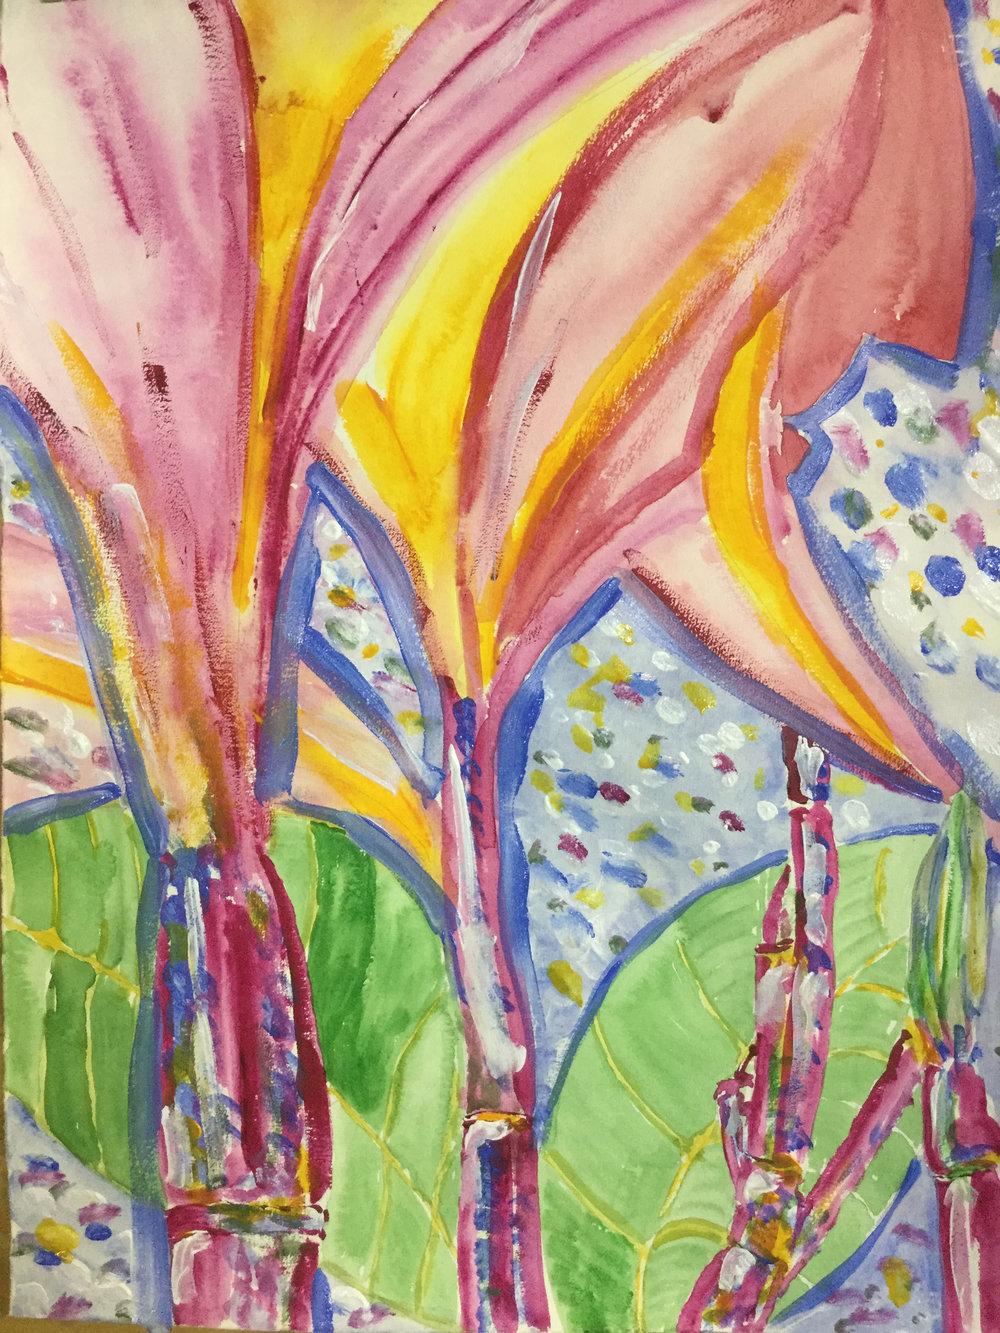 Abstract frangipani